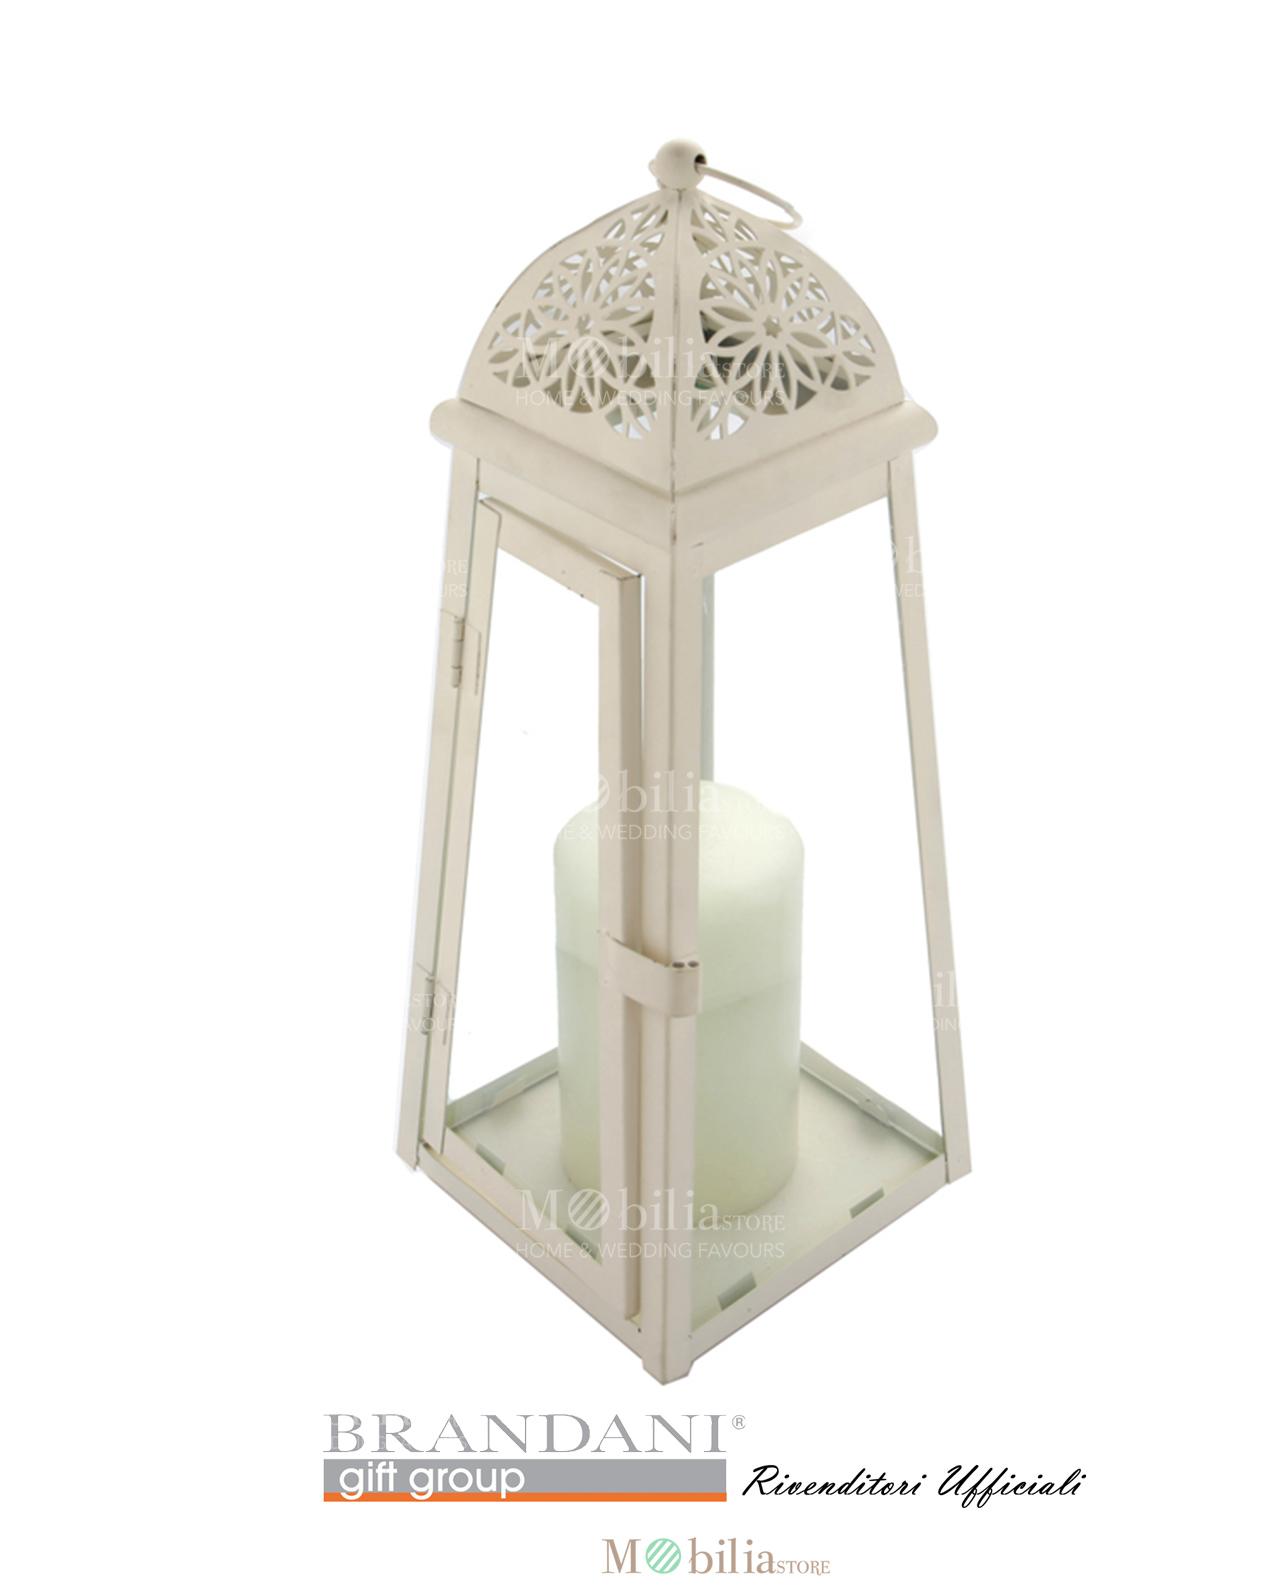 Lanterne brandani cattedrale bianche grandi metallo e vetro for Lanterne bianche